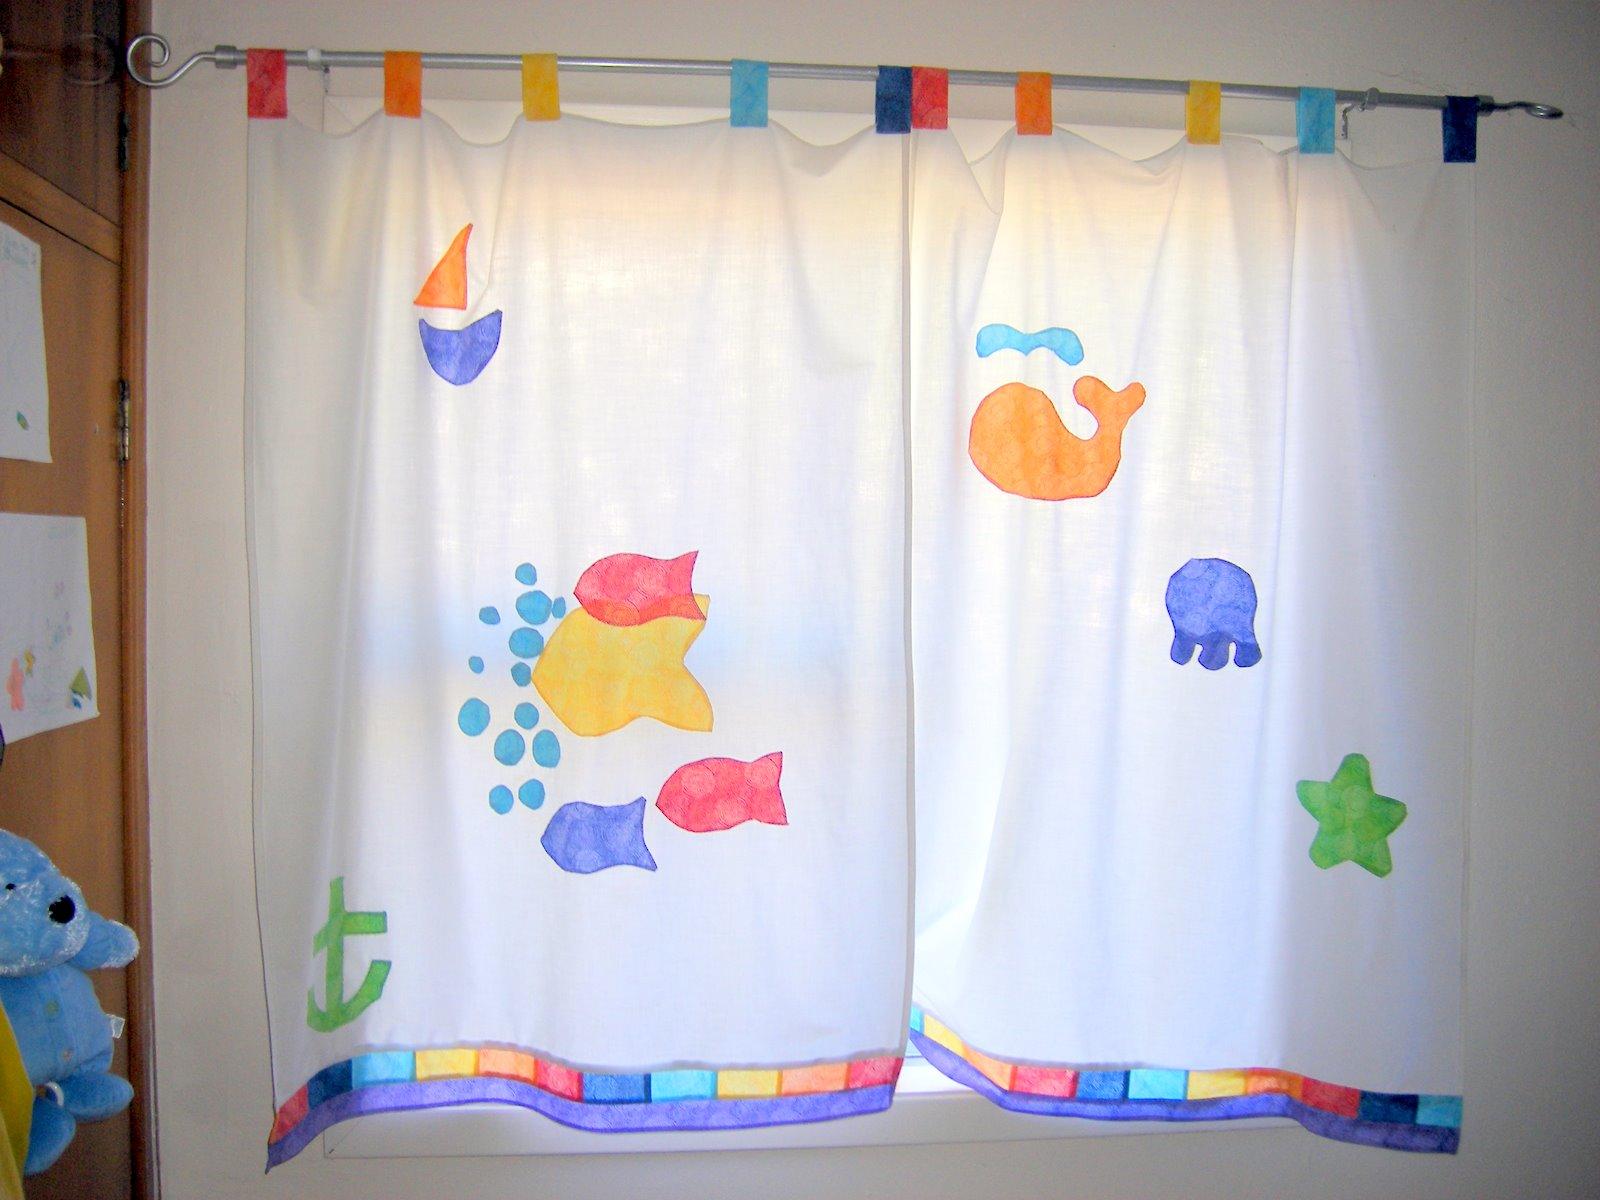 Cortinas juveniles cortinas y persianas - Cortinas juveniles modernas ...